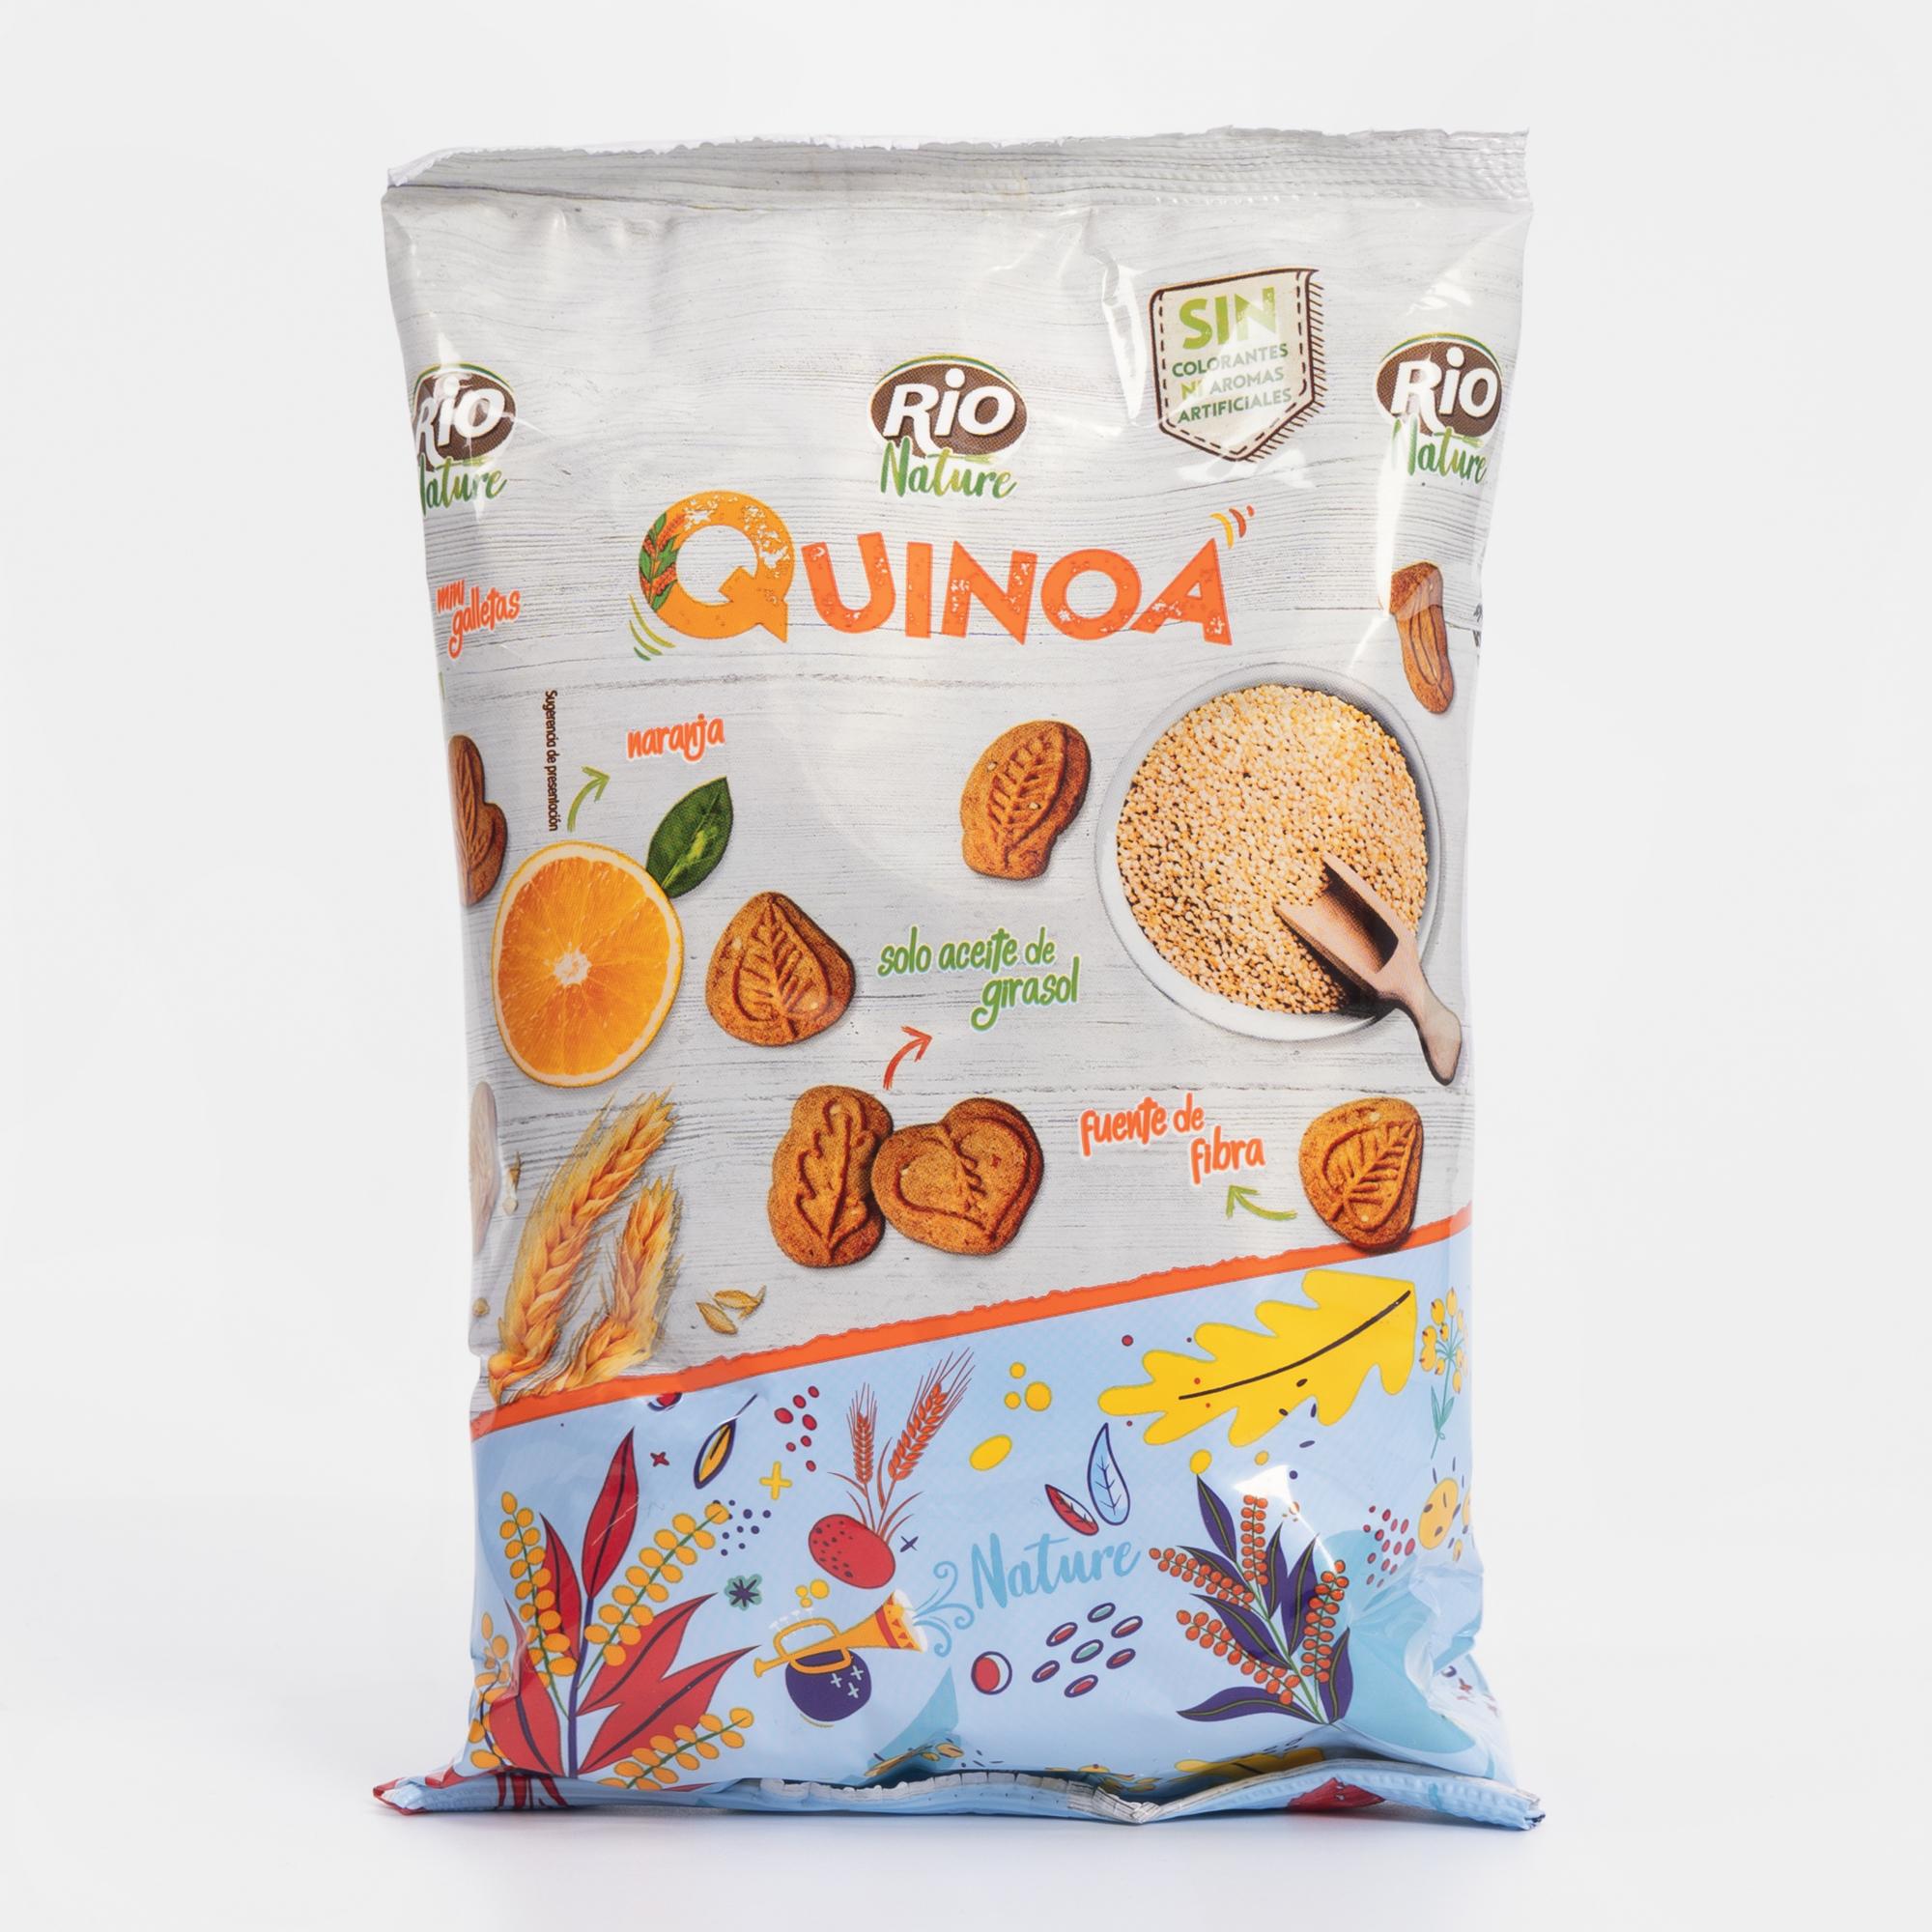 Rio Nature Quinoa frontal